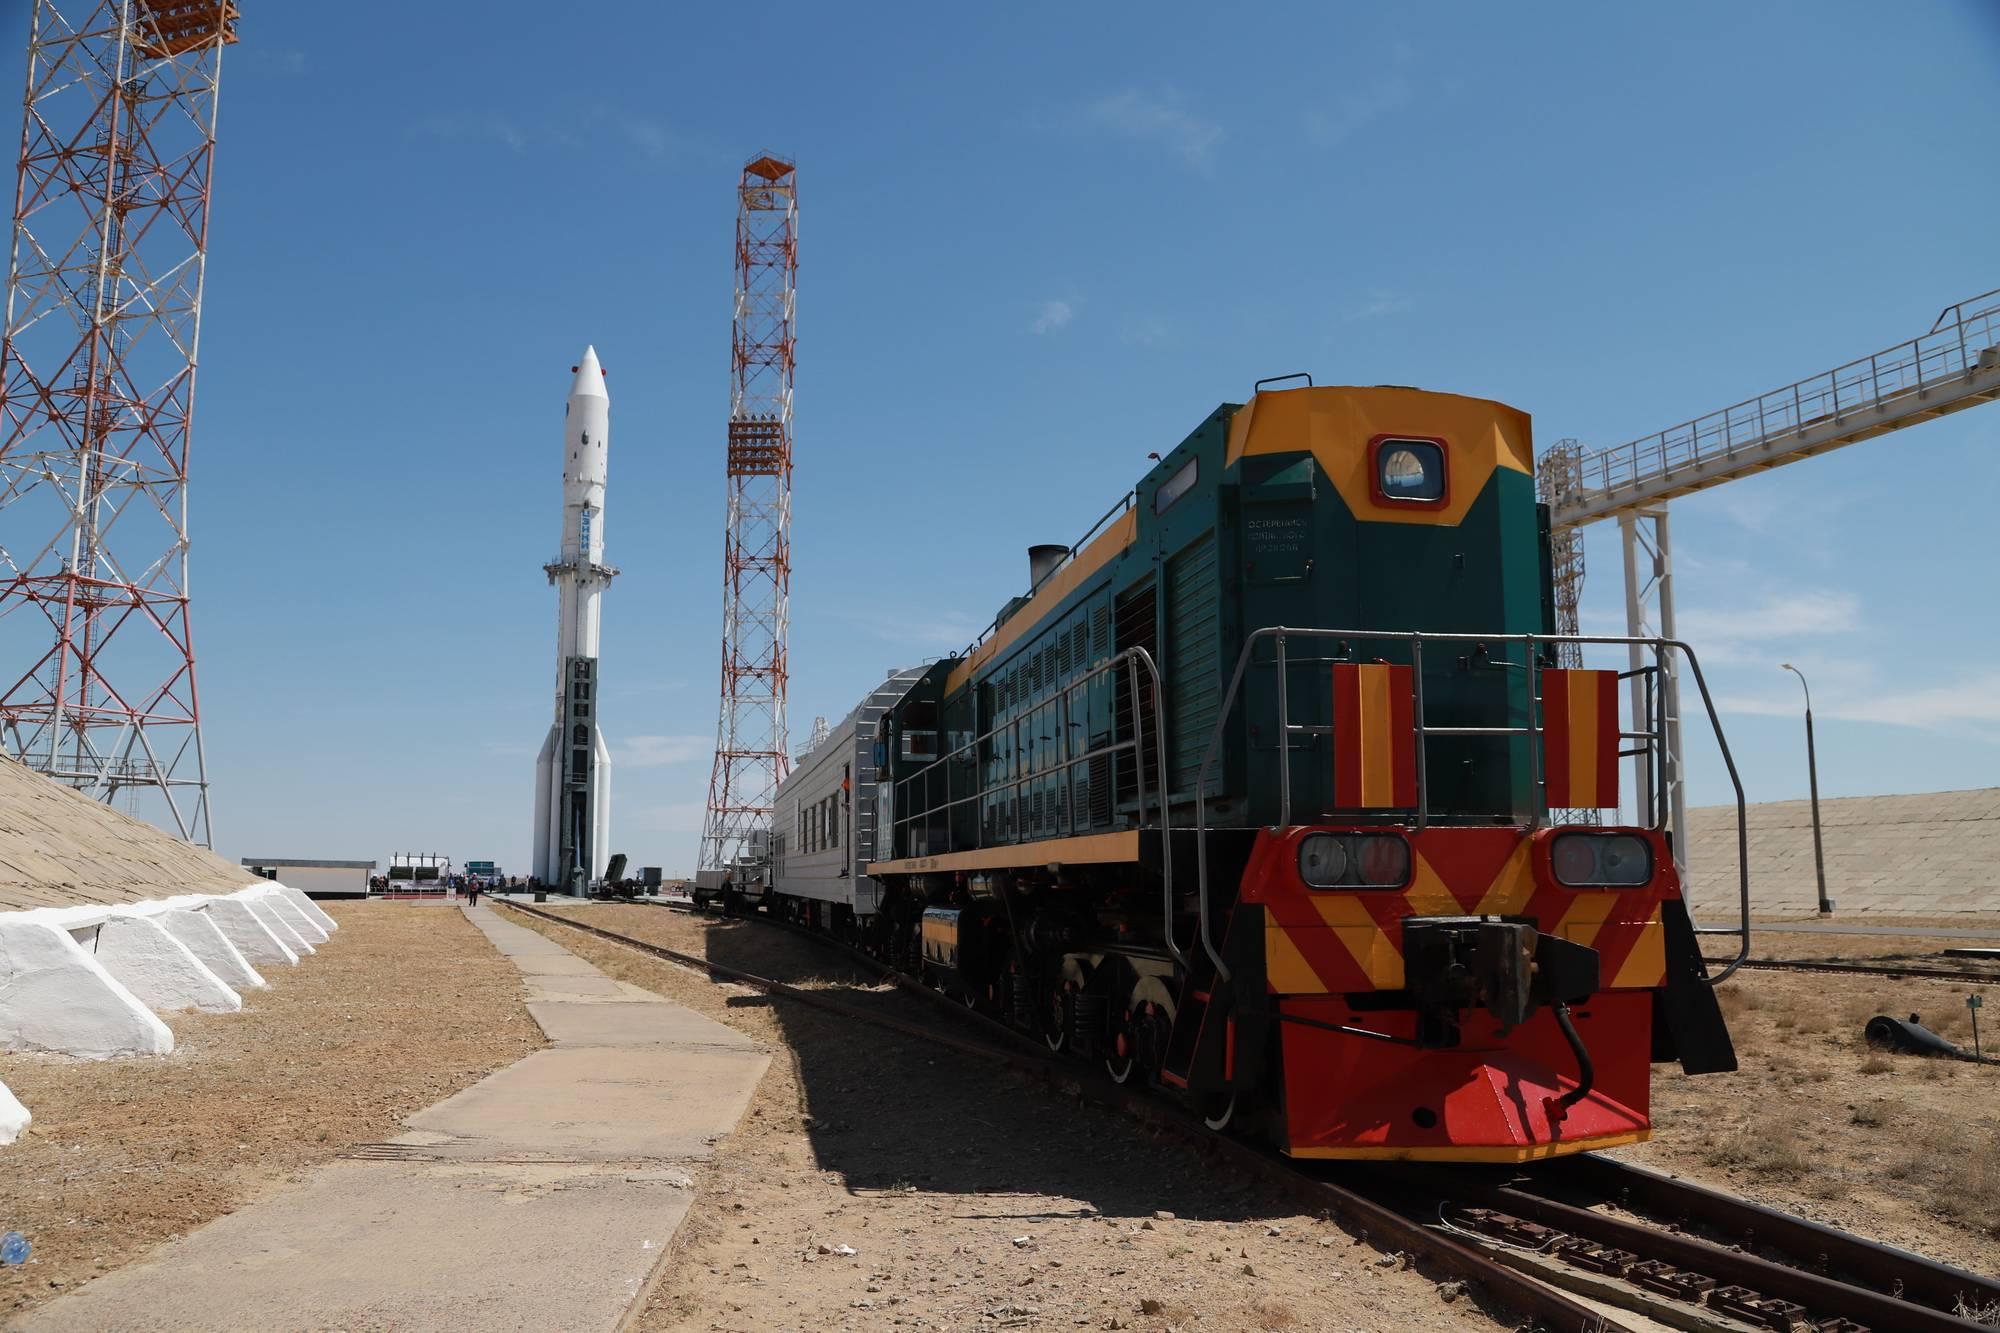 Le lanceur est dressé: le convoi d etransport et d'érection va pouvoir repartir.